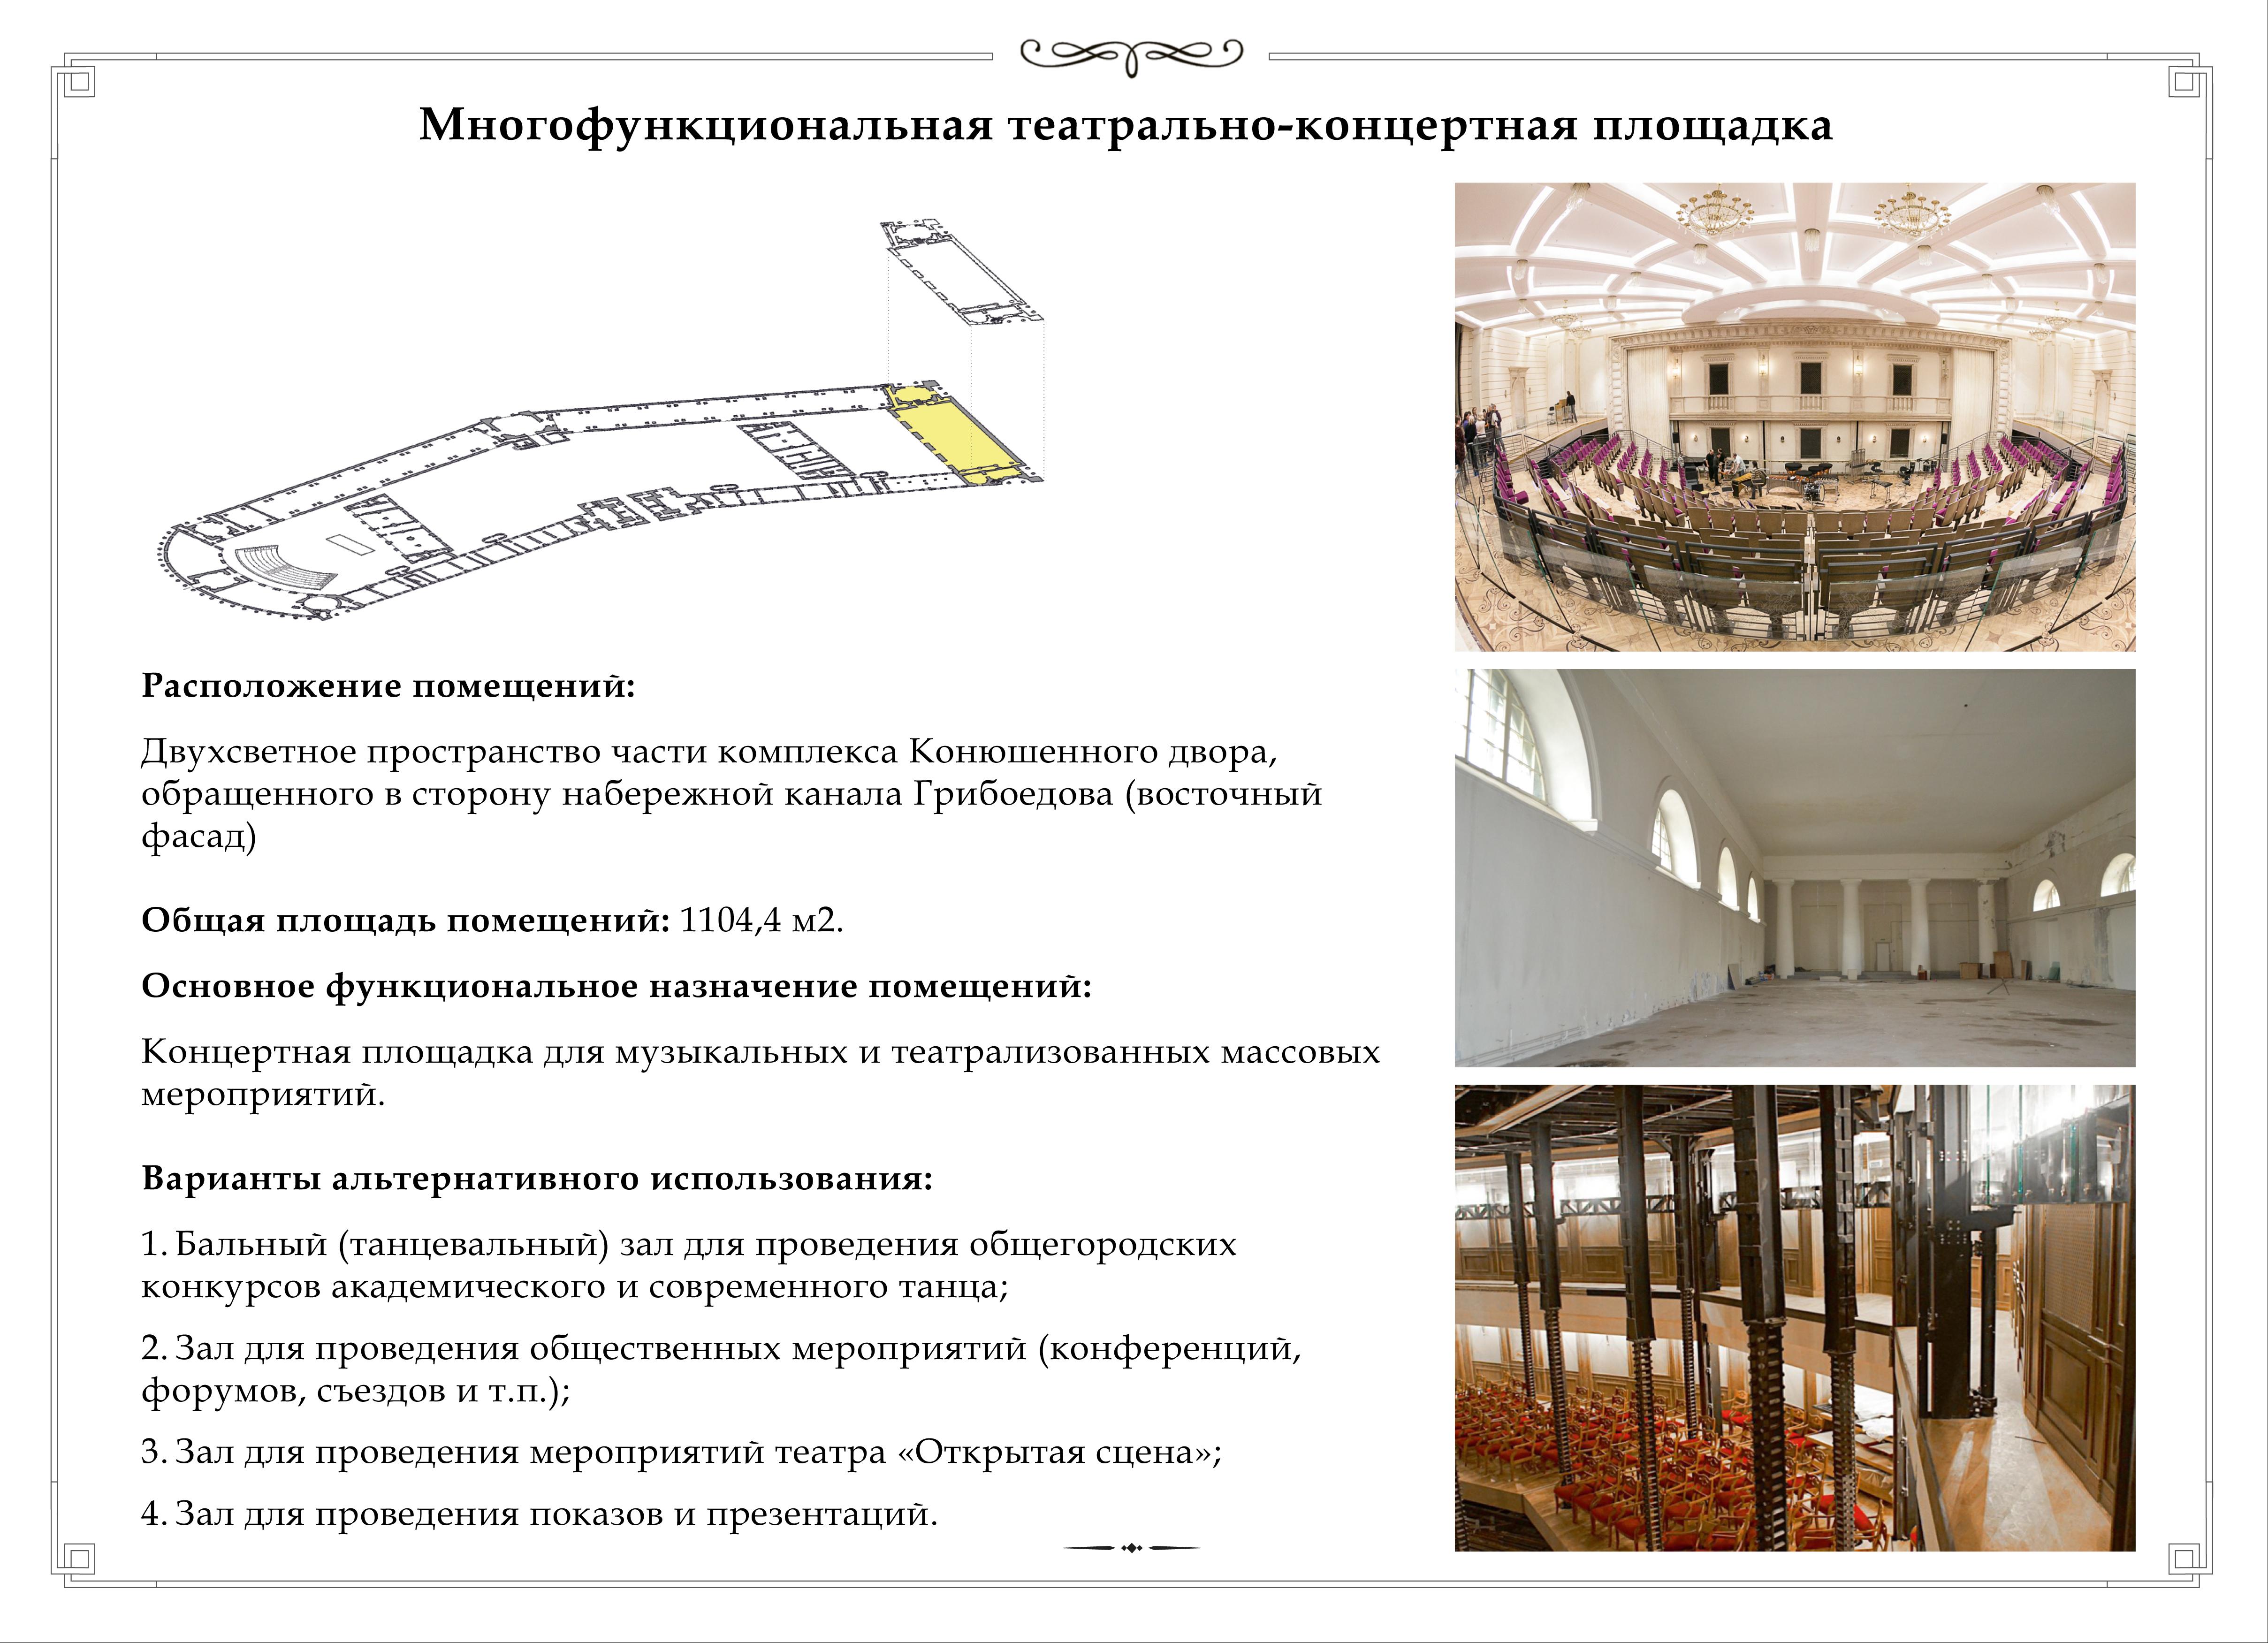 Многофункциональная театрально-концертная площадка